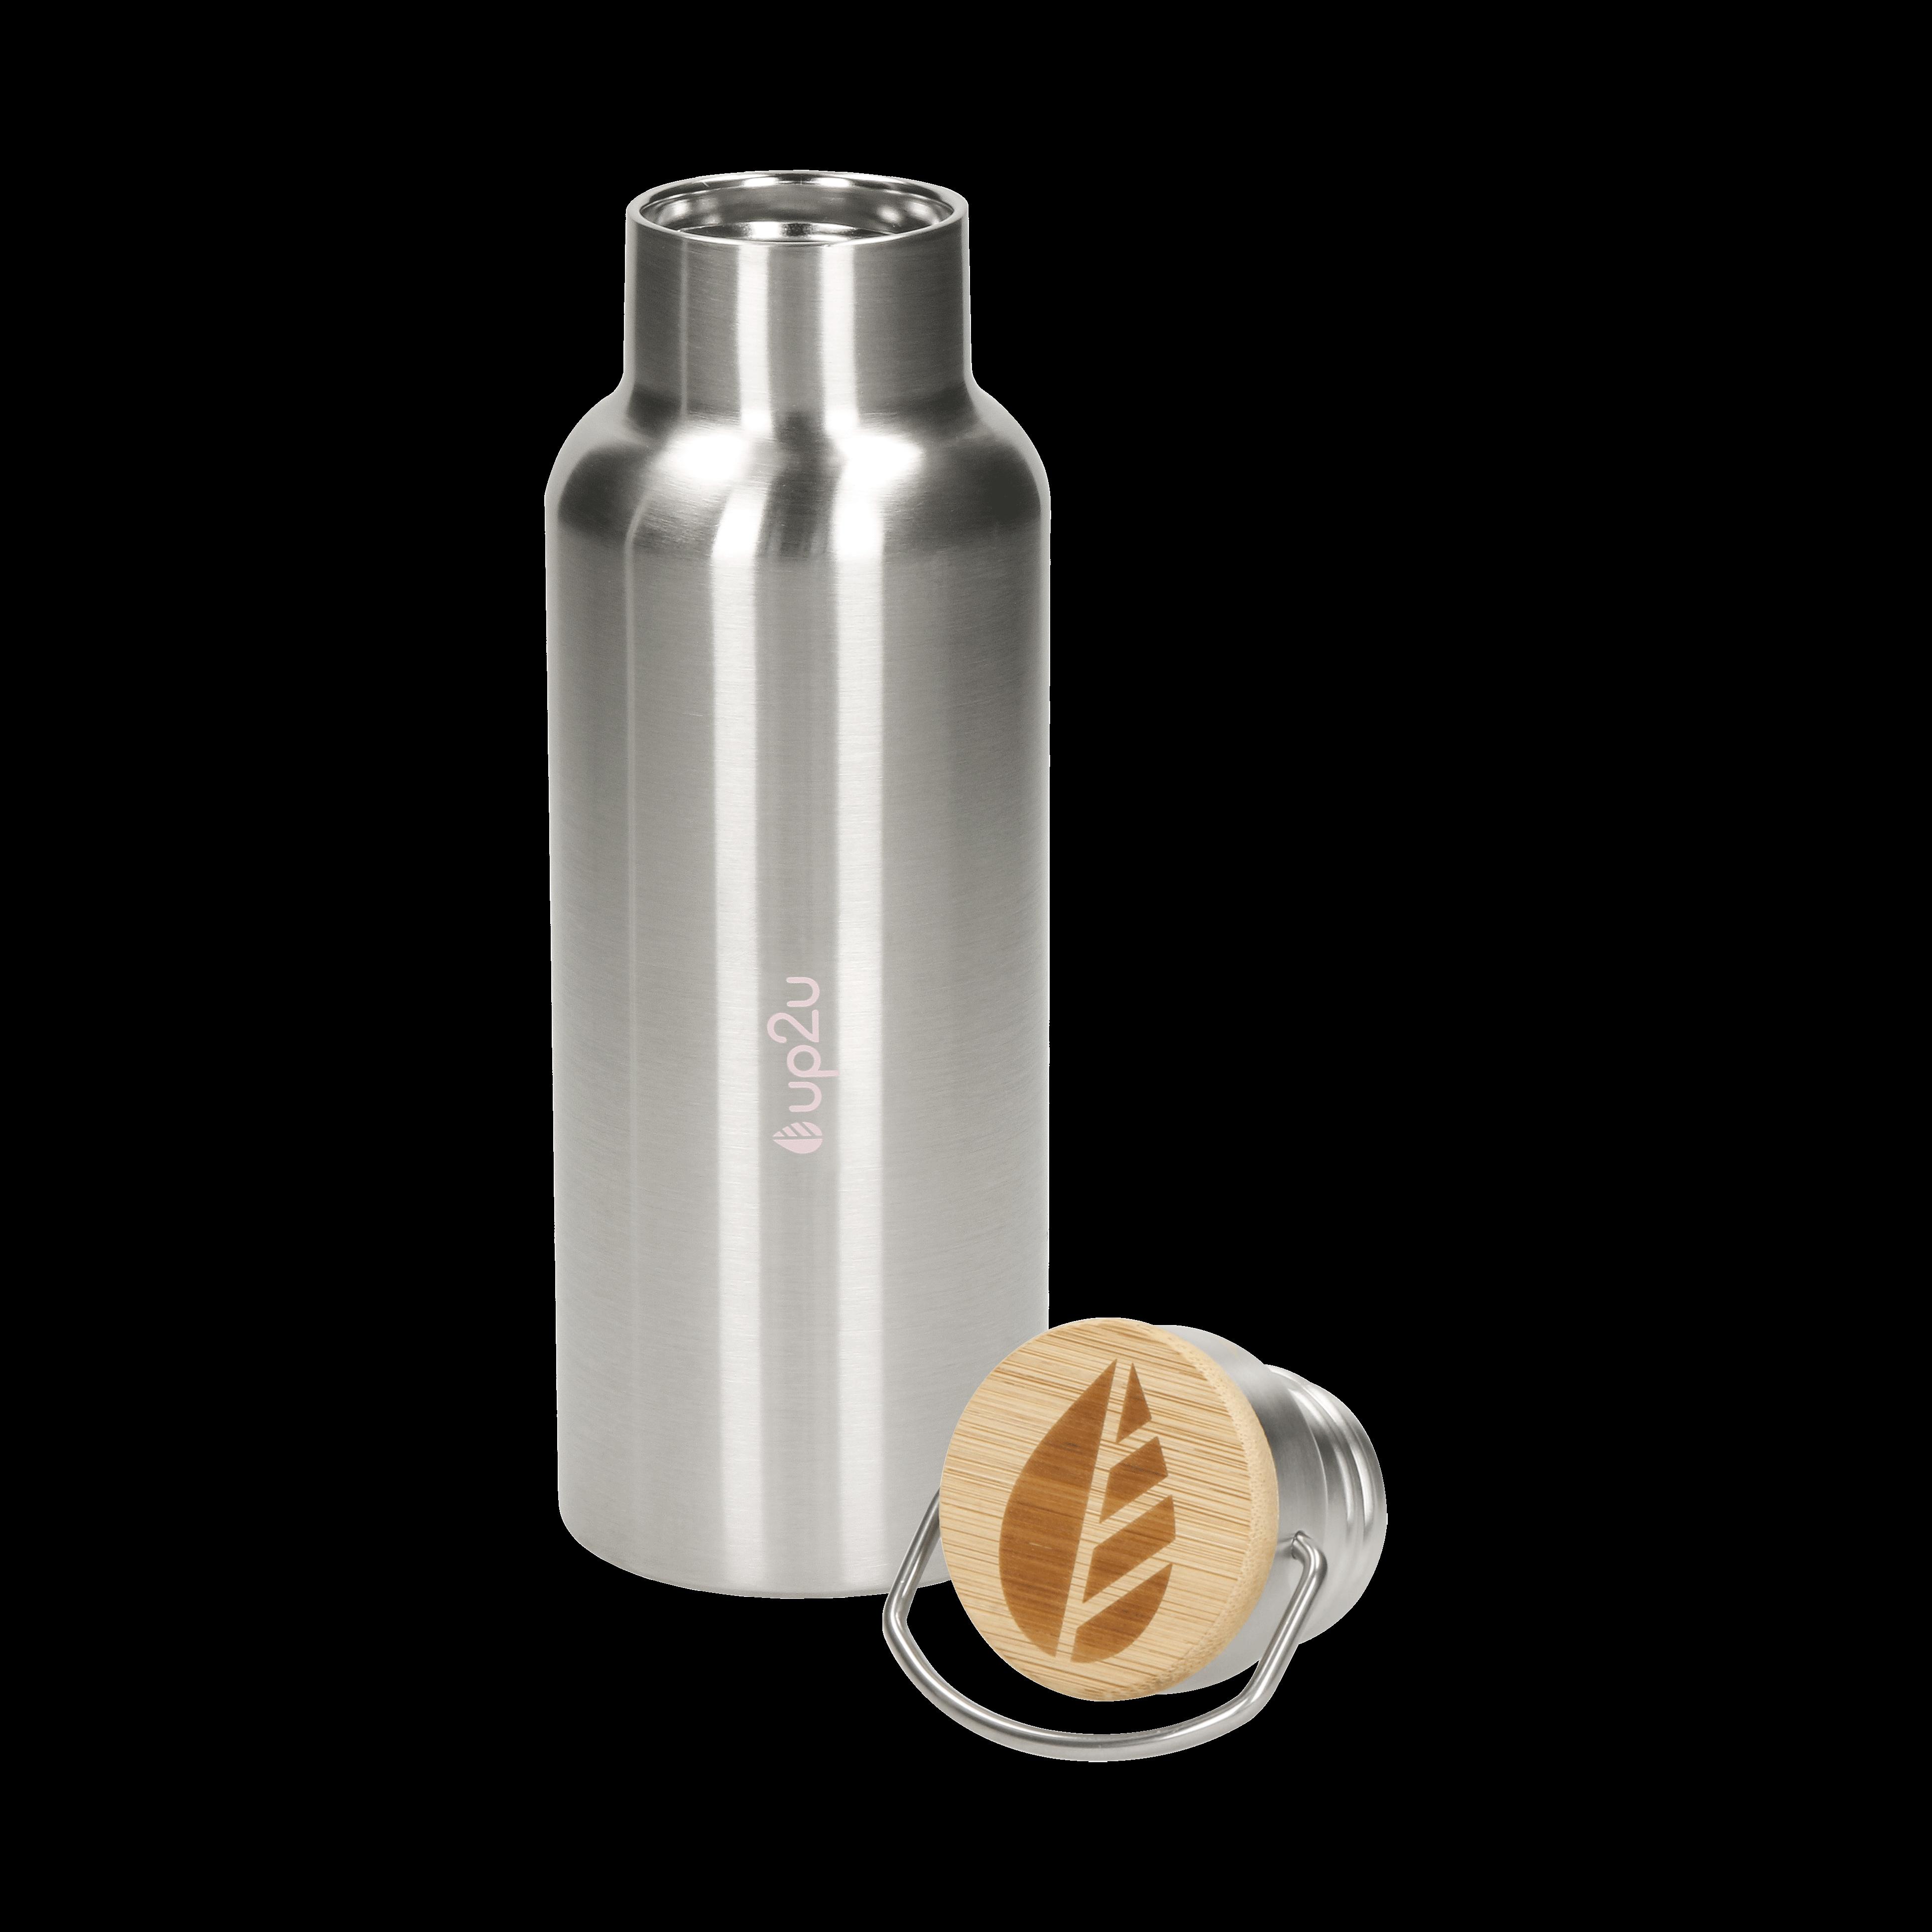 Vakuumisolierflasche MuC Bottle Blossom der up2u GmbH